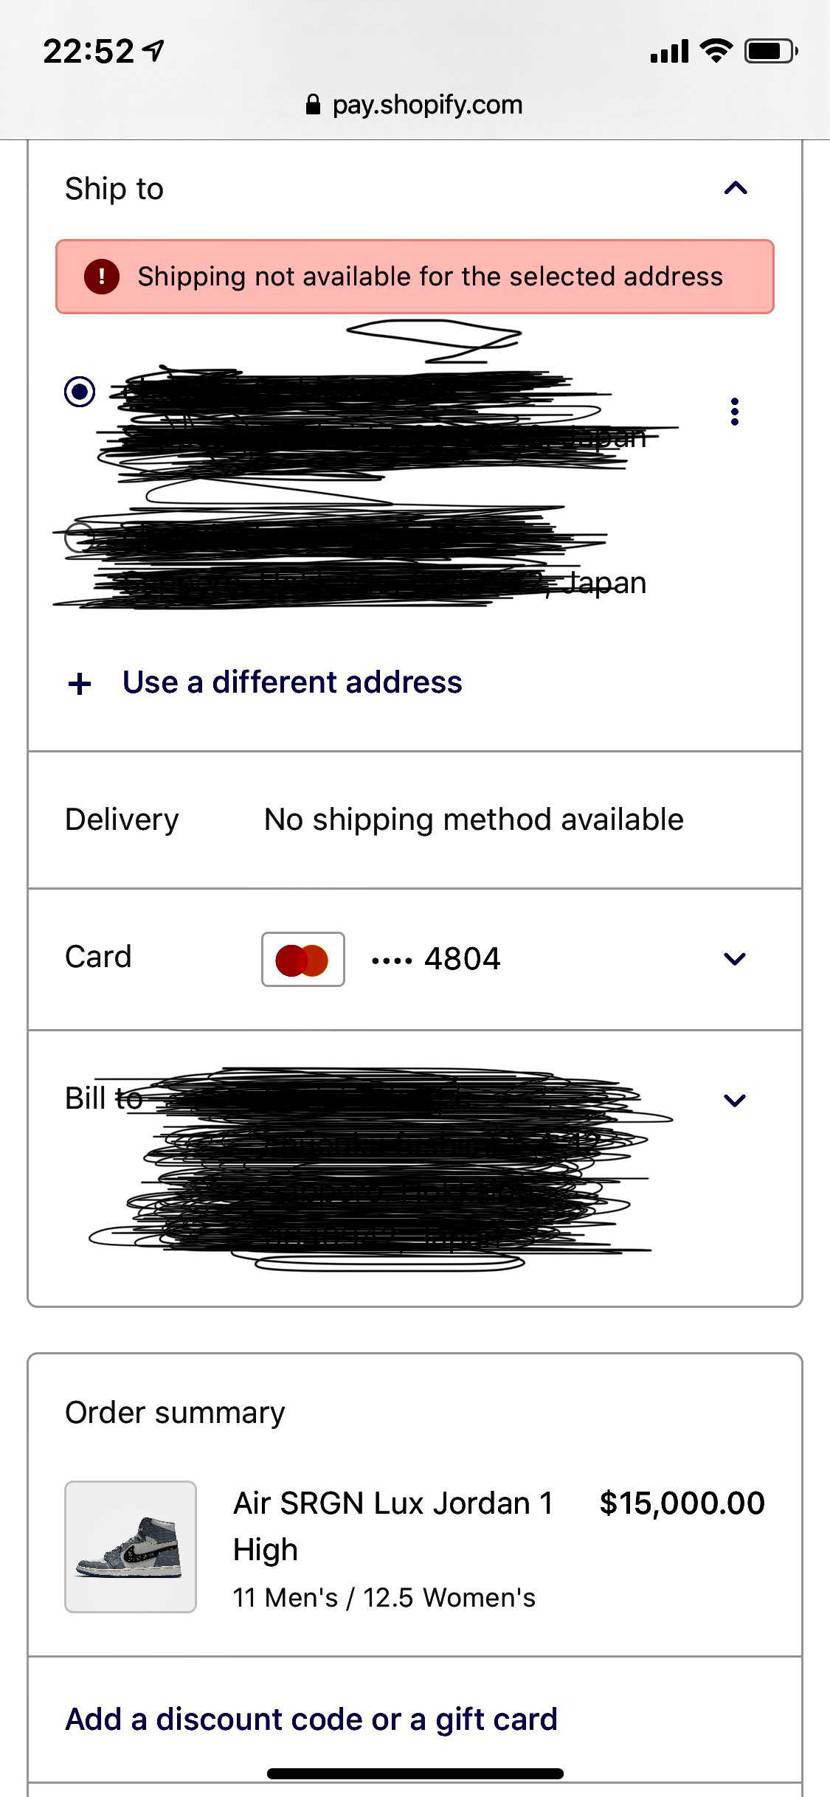 ざす!  PayPalって支払い限度額100万なんですね。 今日初めて知り